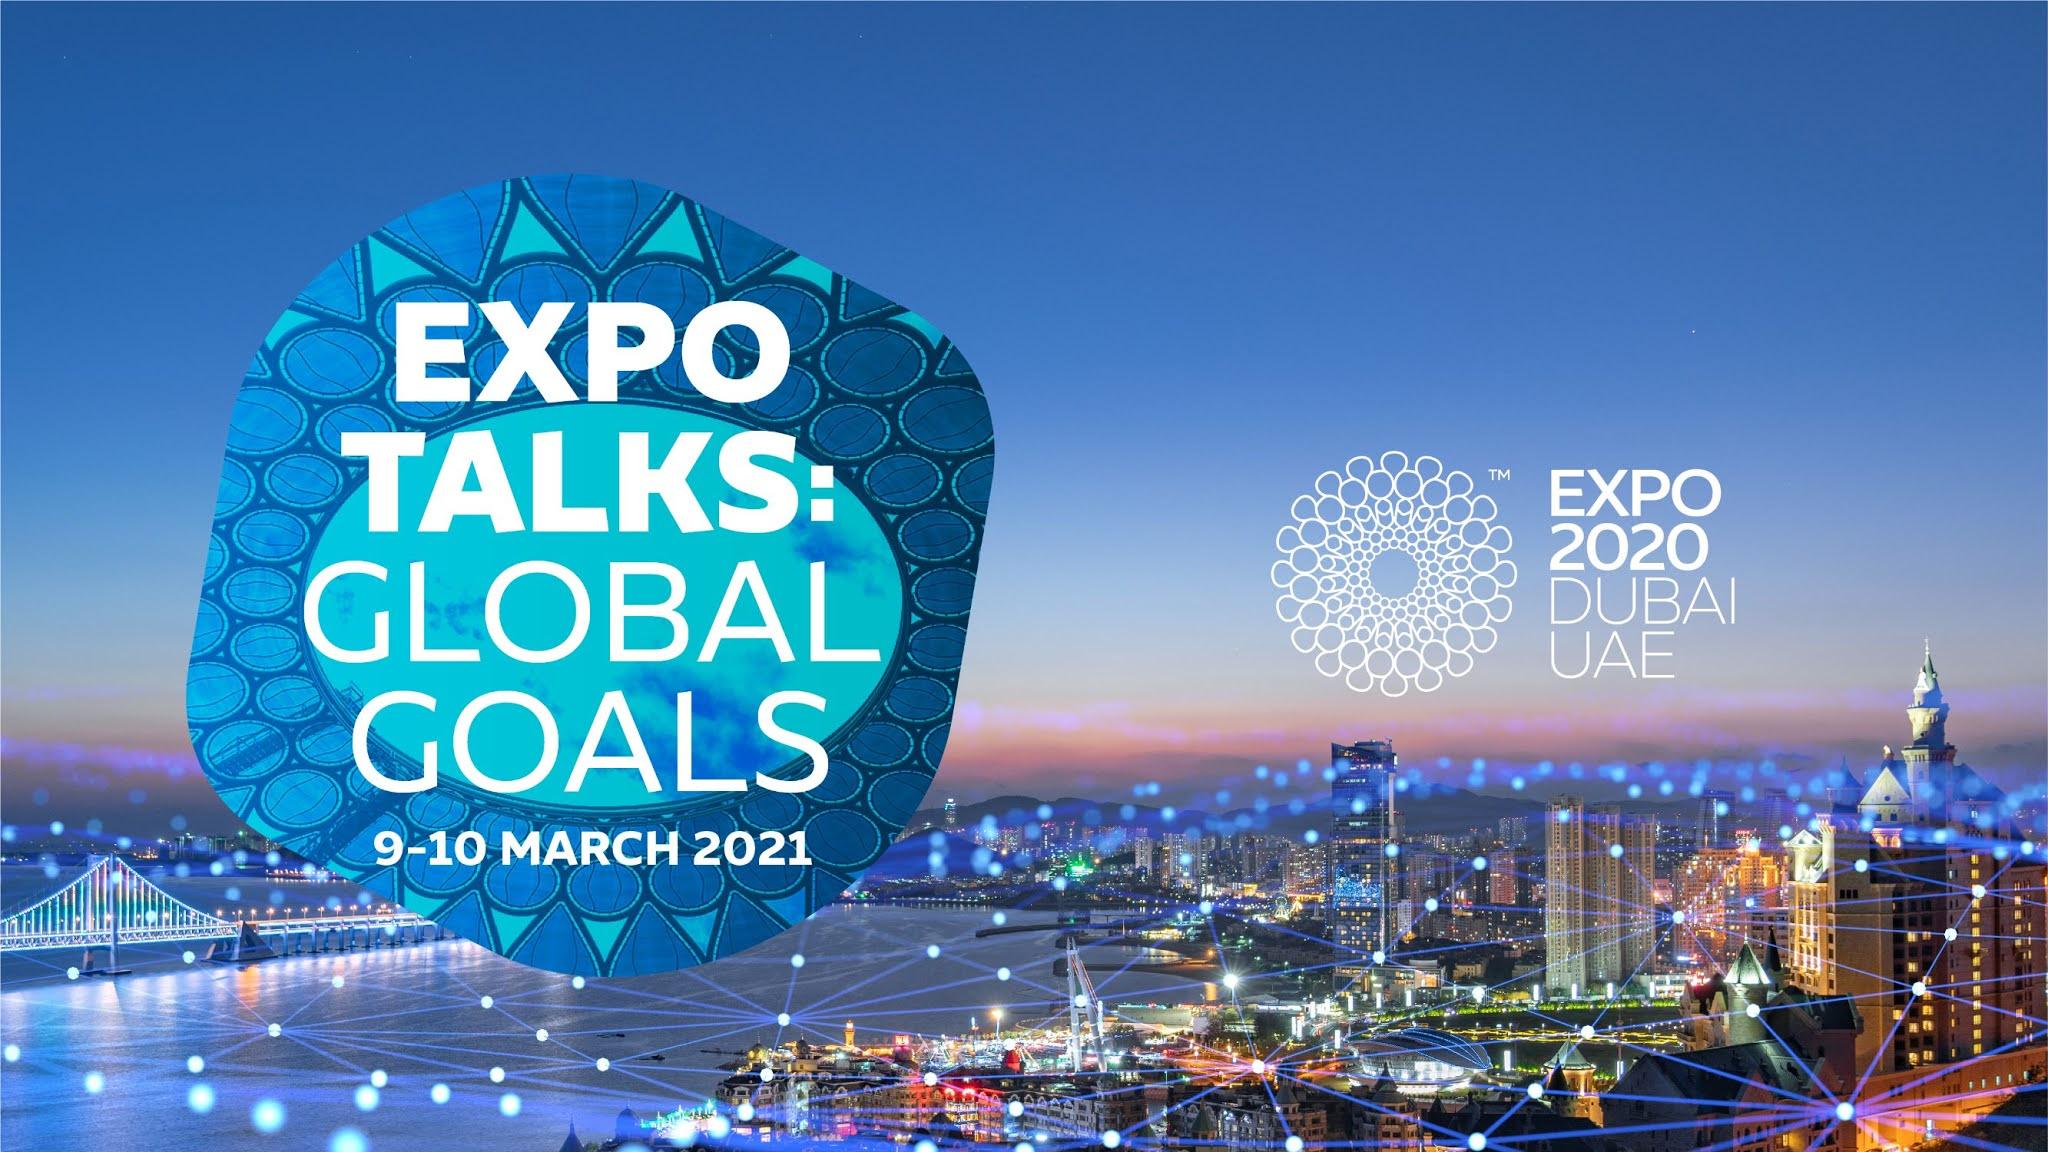 Expo Talks focuses on Sustainable Development Goals